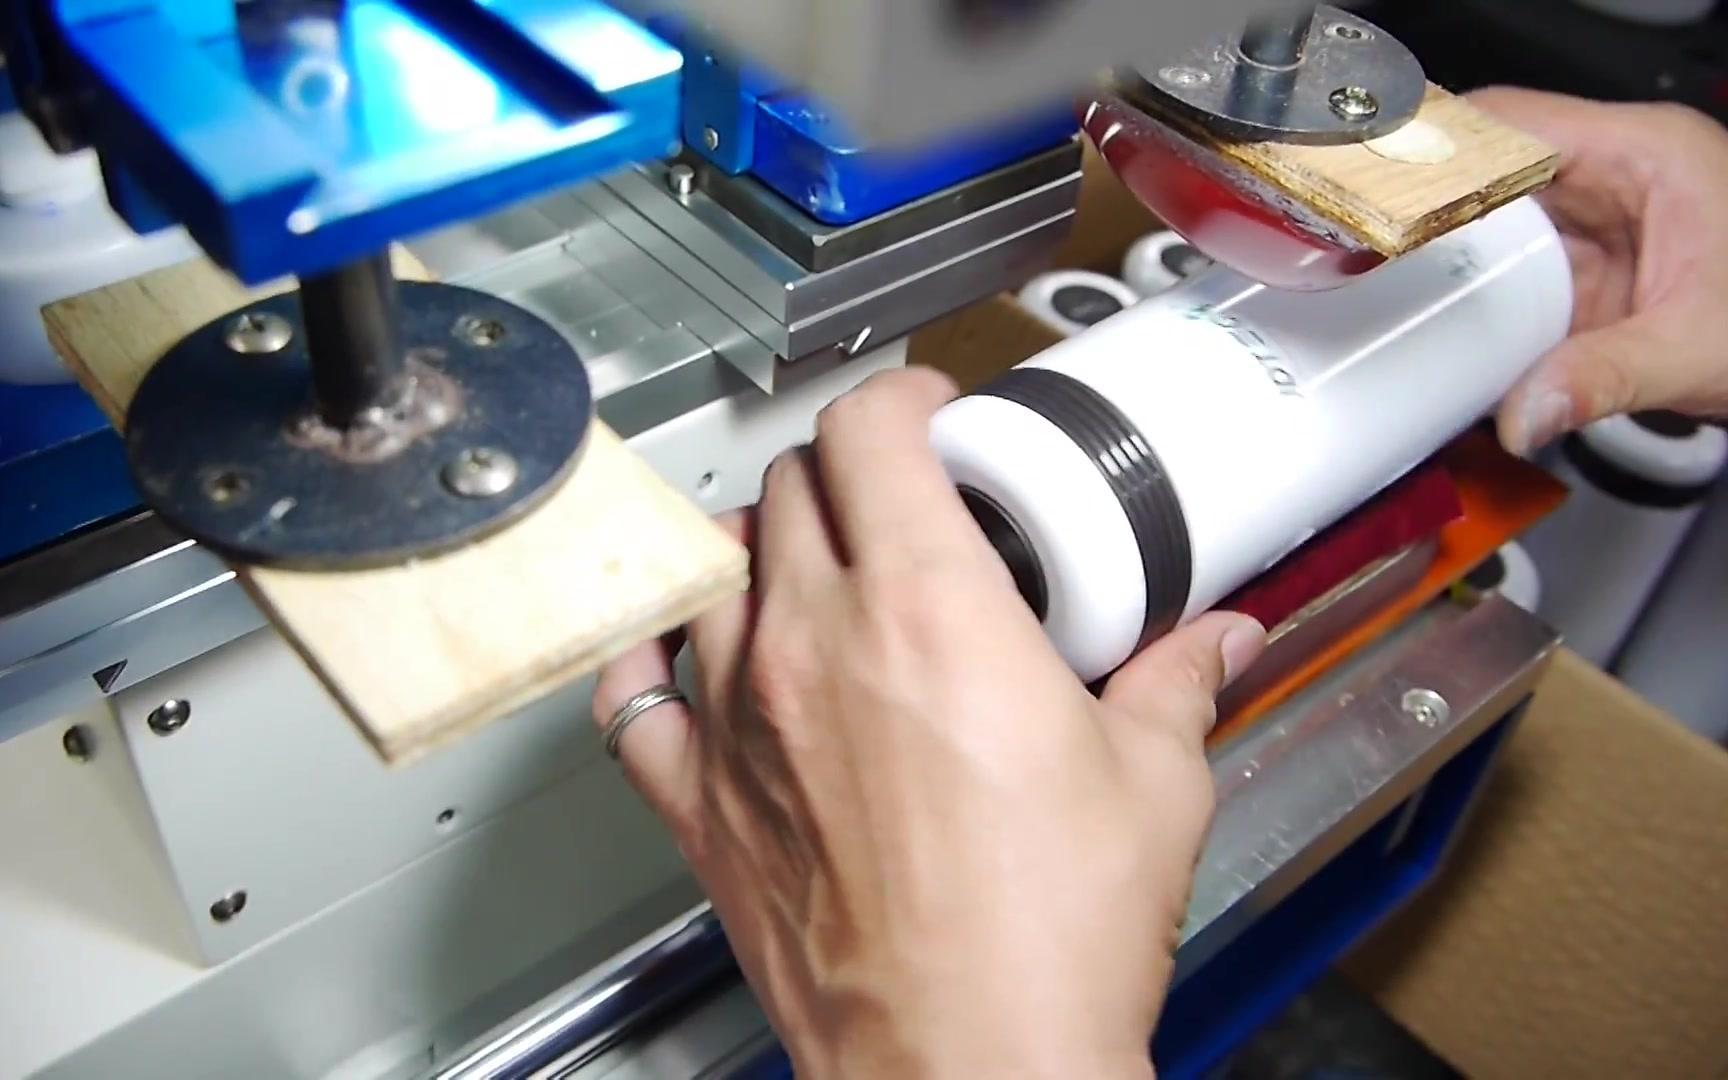 【印刷爱好者】【移印】保温瓶上的logo图案是怎么印的?金属材质移印